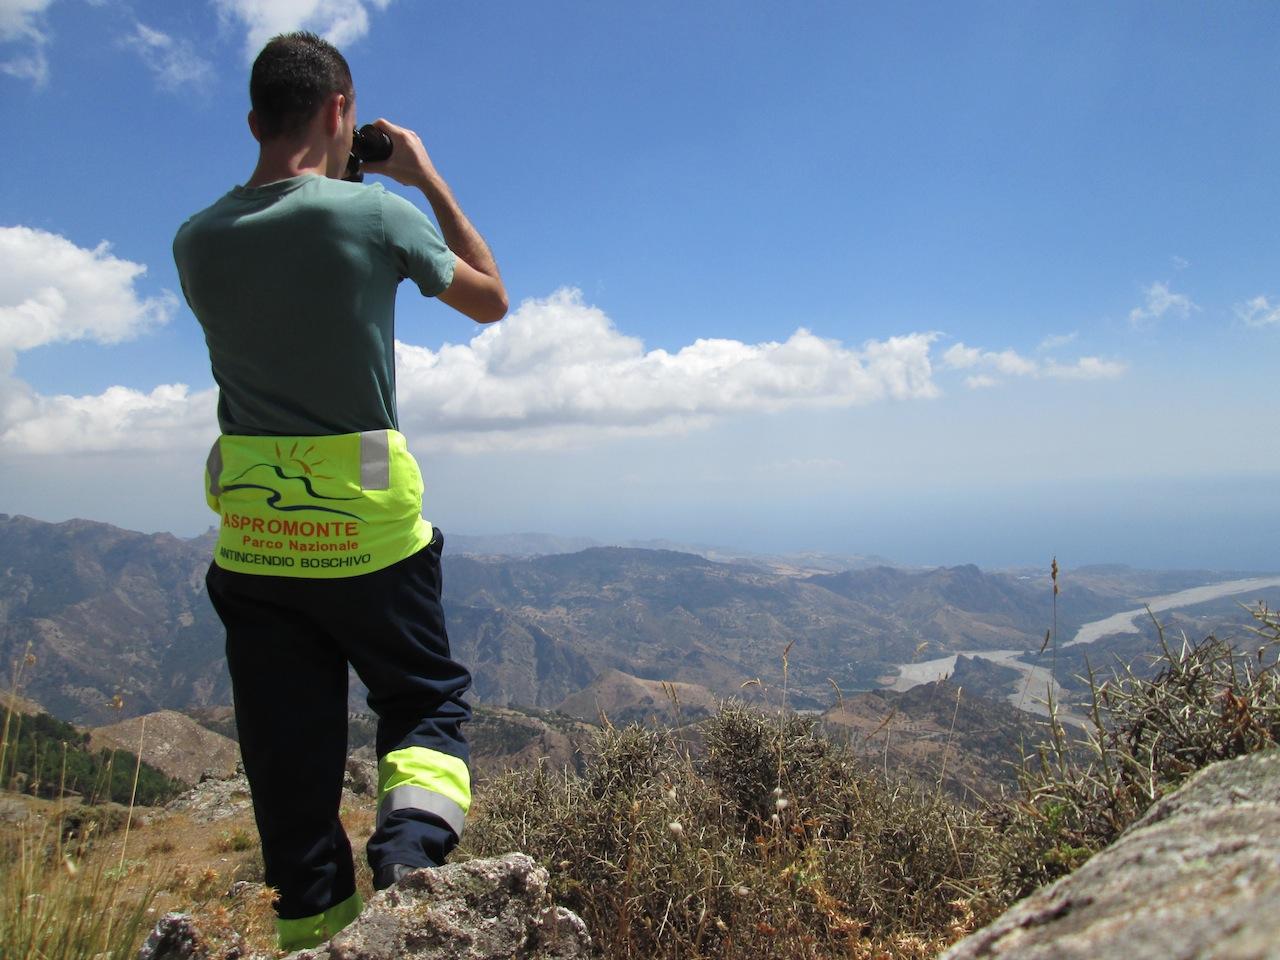 Il Parco nazionale dell'Aspromonte vara il suo piano antincendio